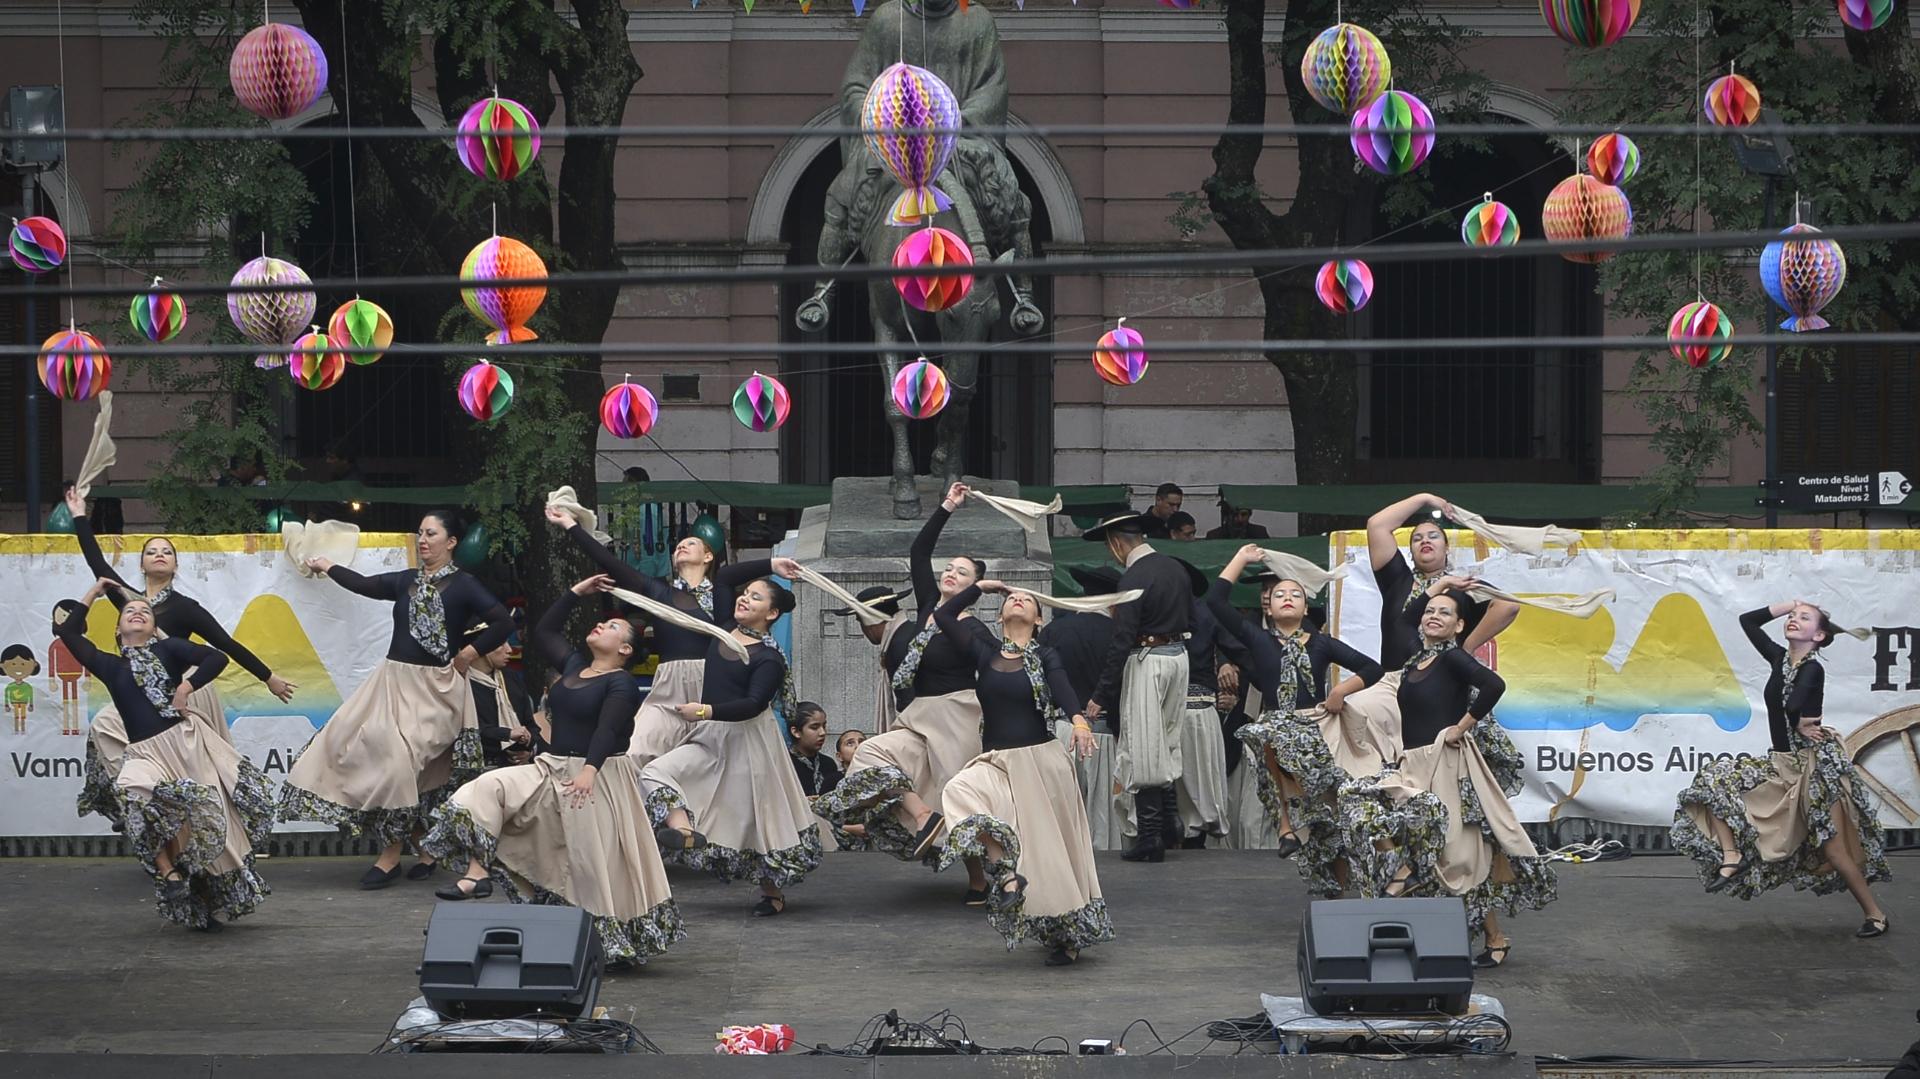 Las danzas folclóricas suelen ser parte de la feria durante todo el año